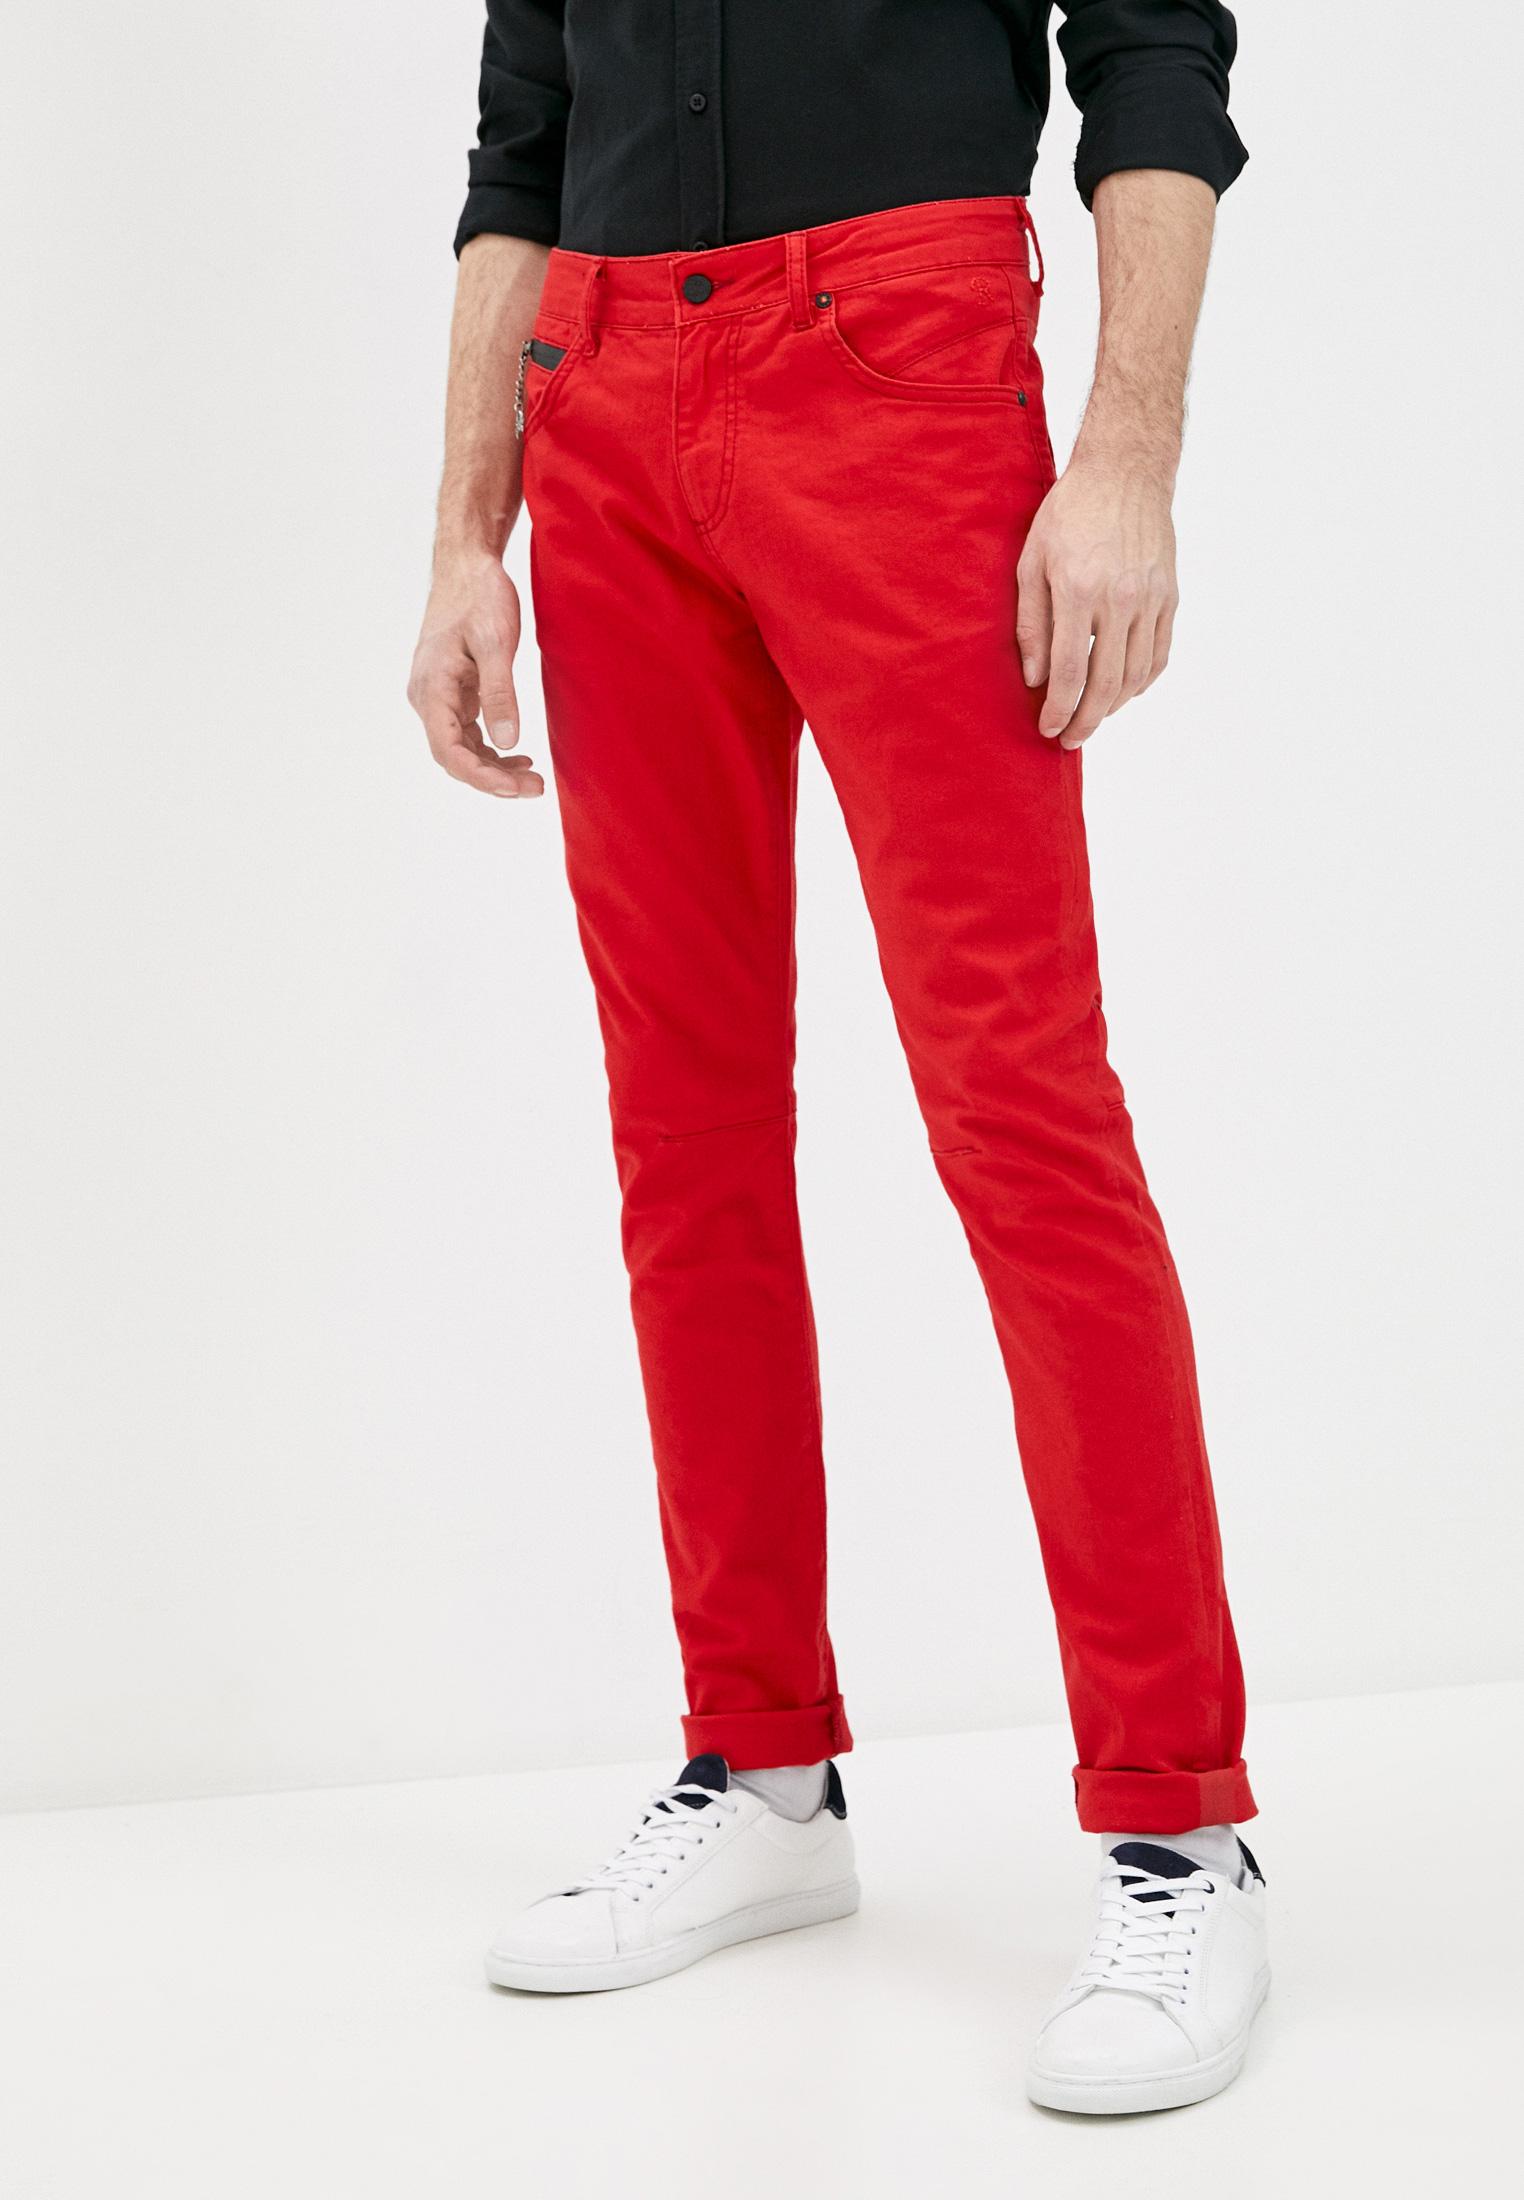 Мужские зауженные брюки RNT23 Брюки RNT23